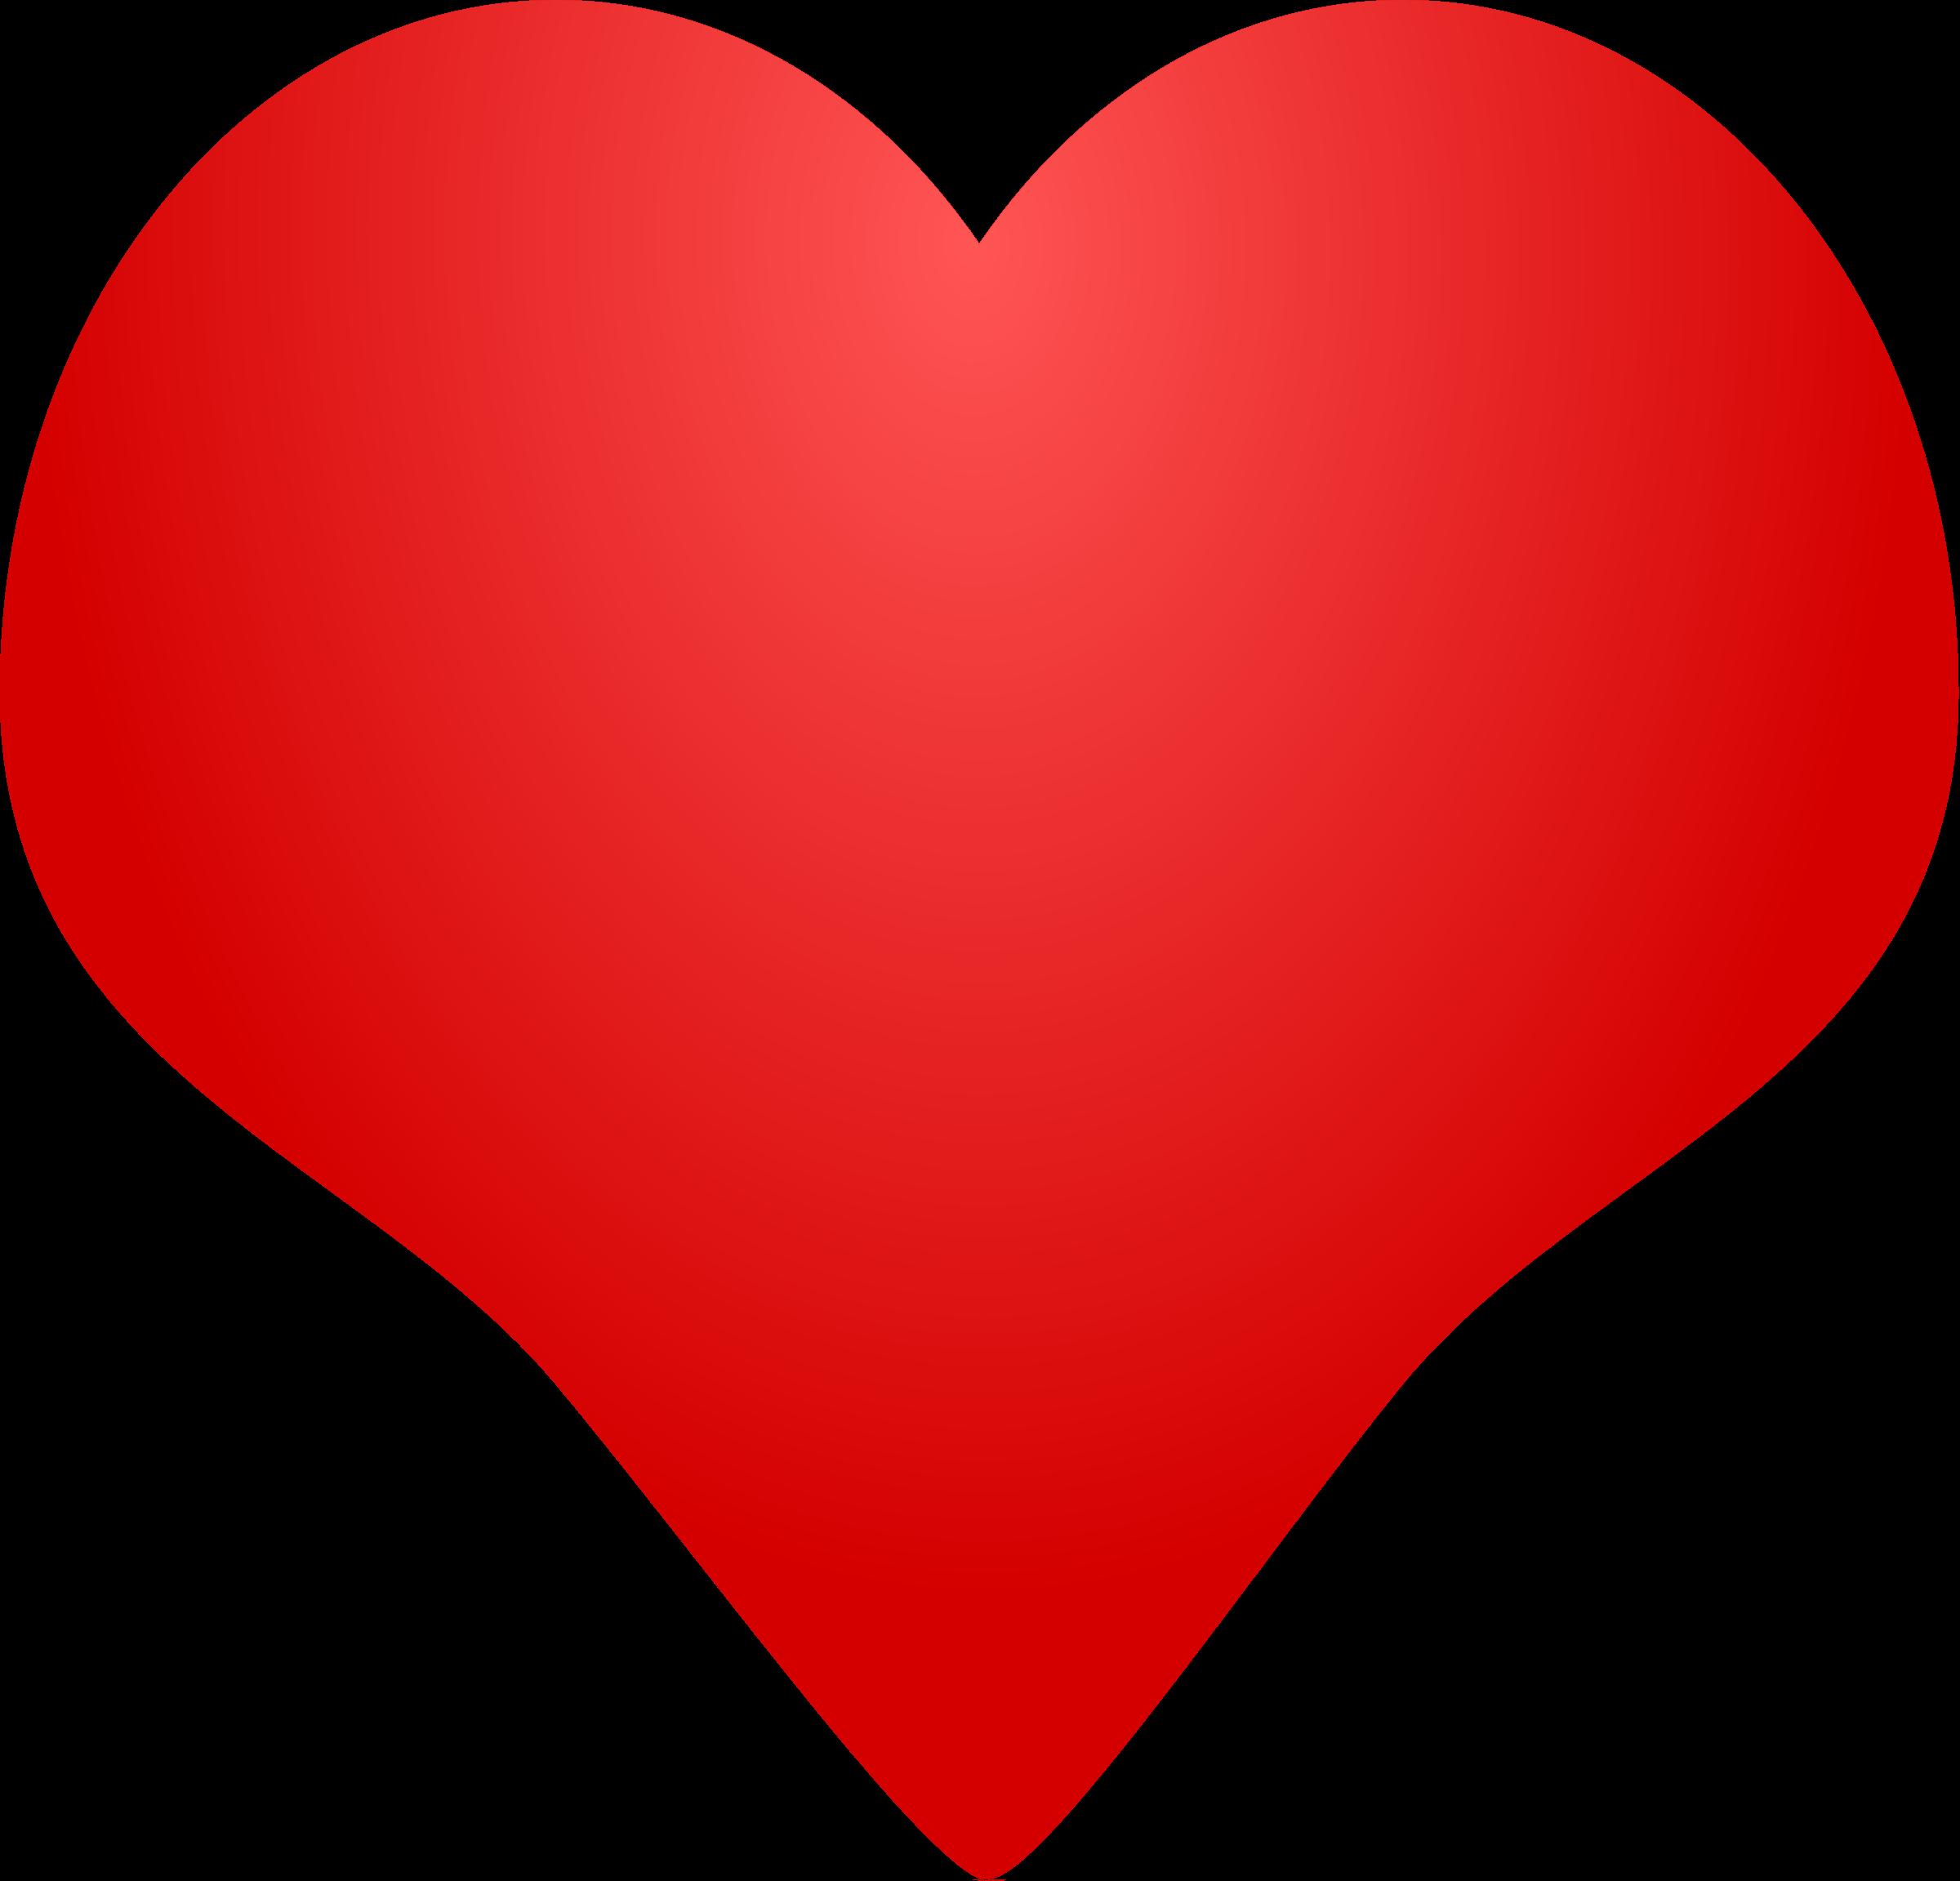 Heat clipart heart.